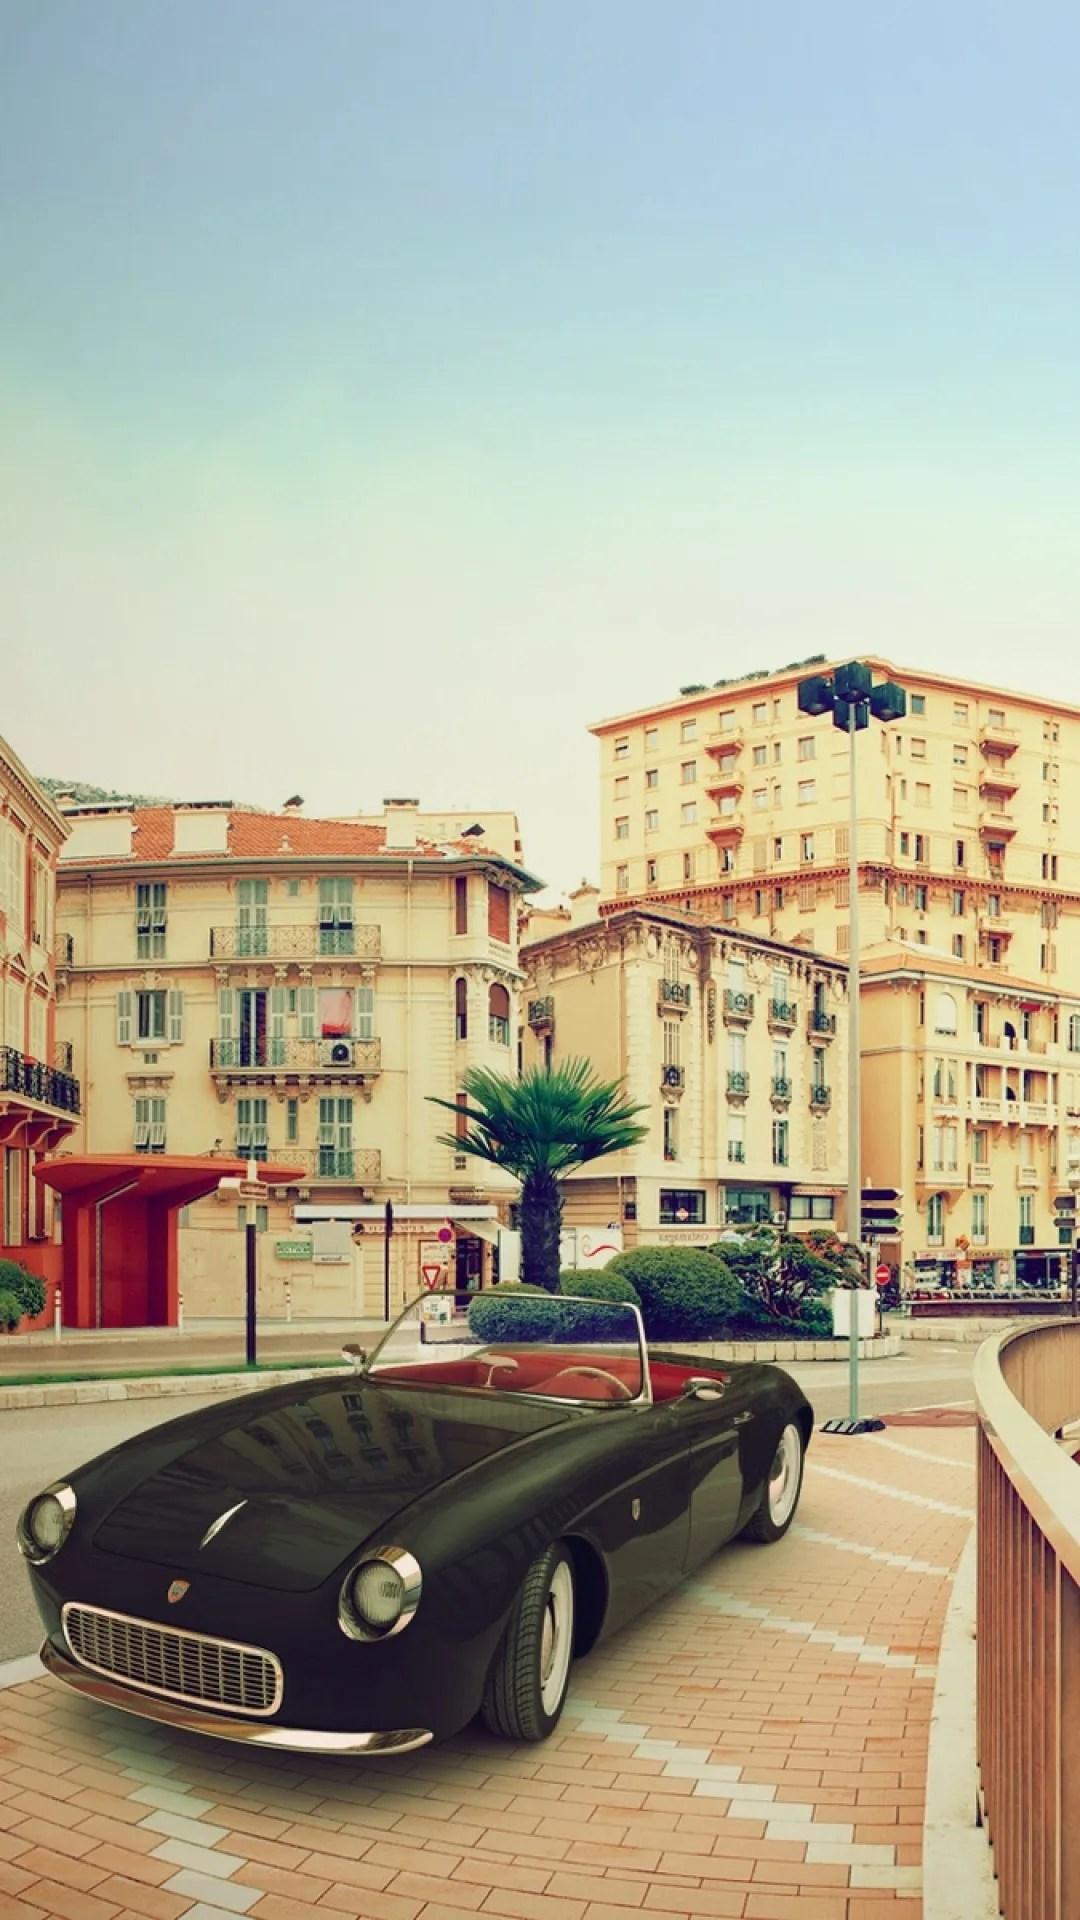 iphone wallpaper chevrolet monaco monte carlo 1972 classic turn convertible Monte Carlo